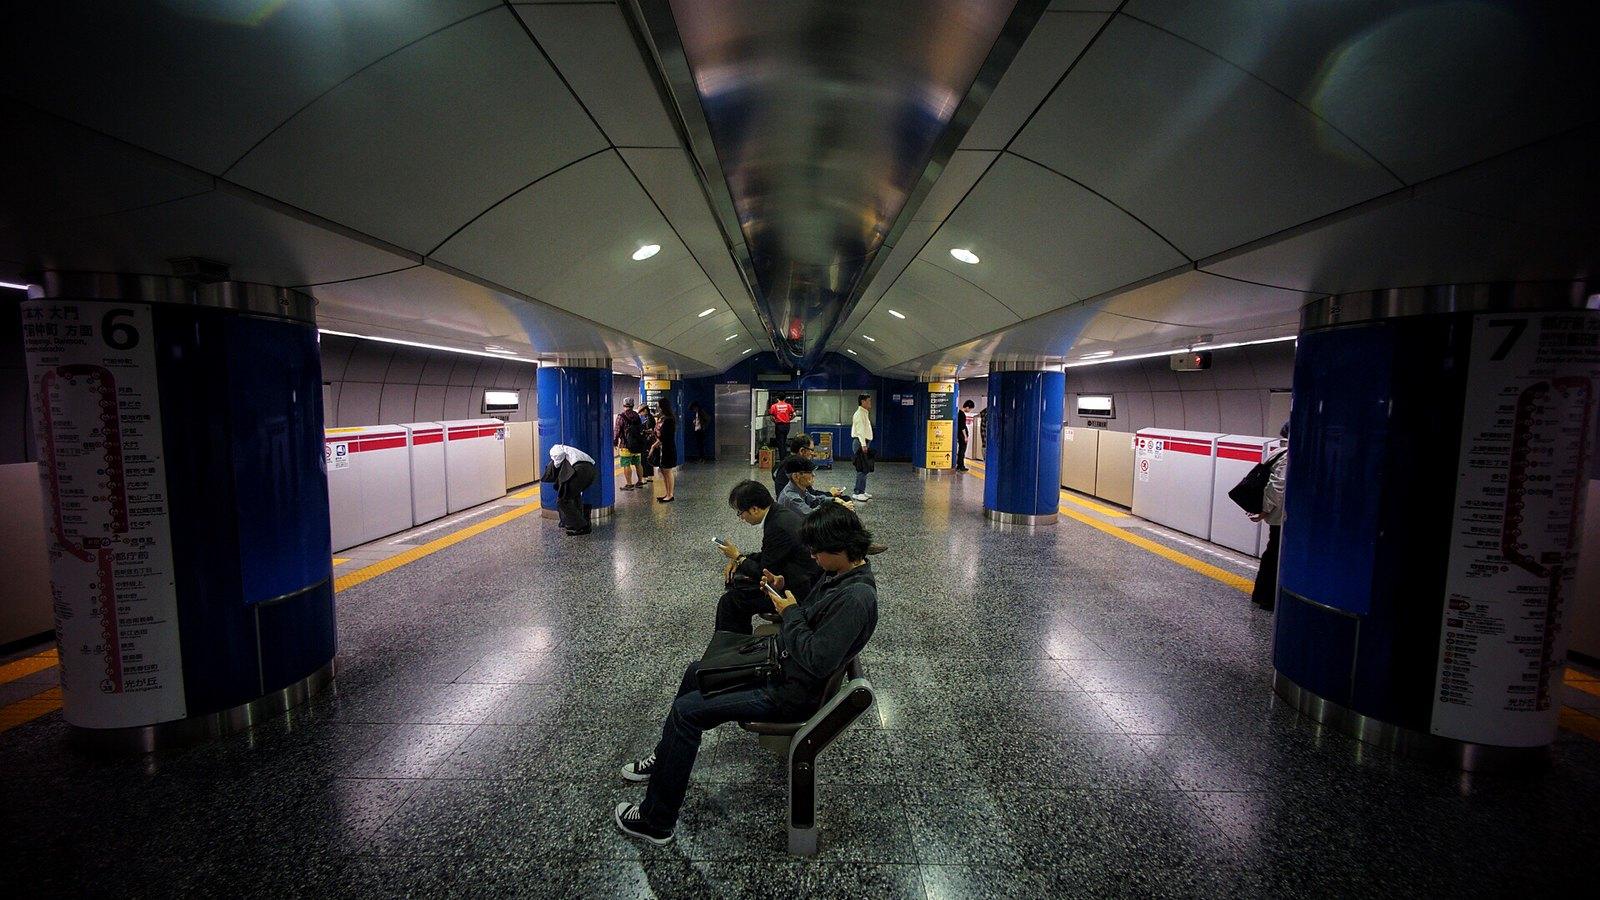 Tokyo Subway #SonyA7 #Voigtlander12mm #japan15 #foto